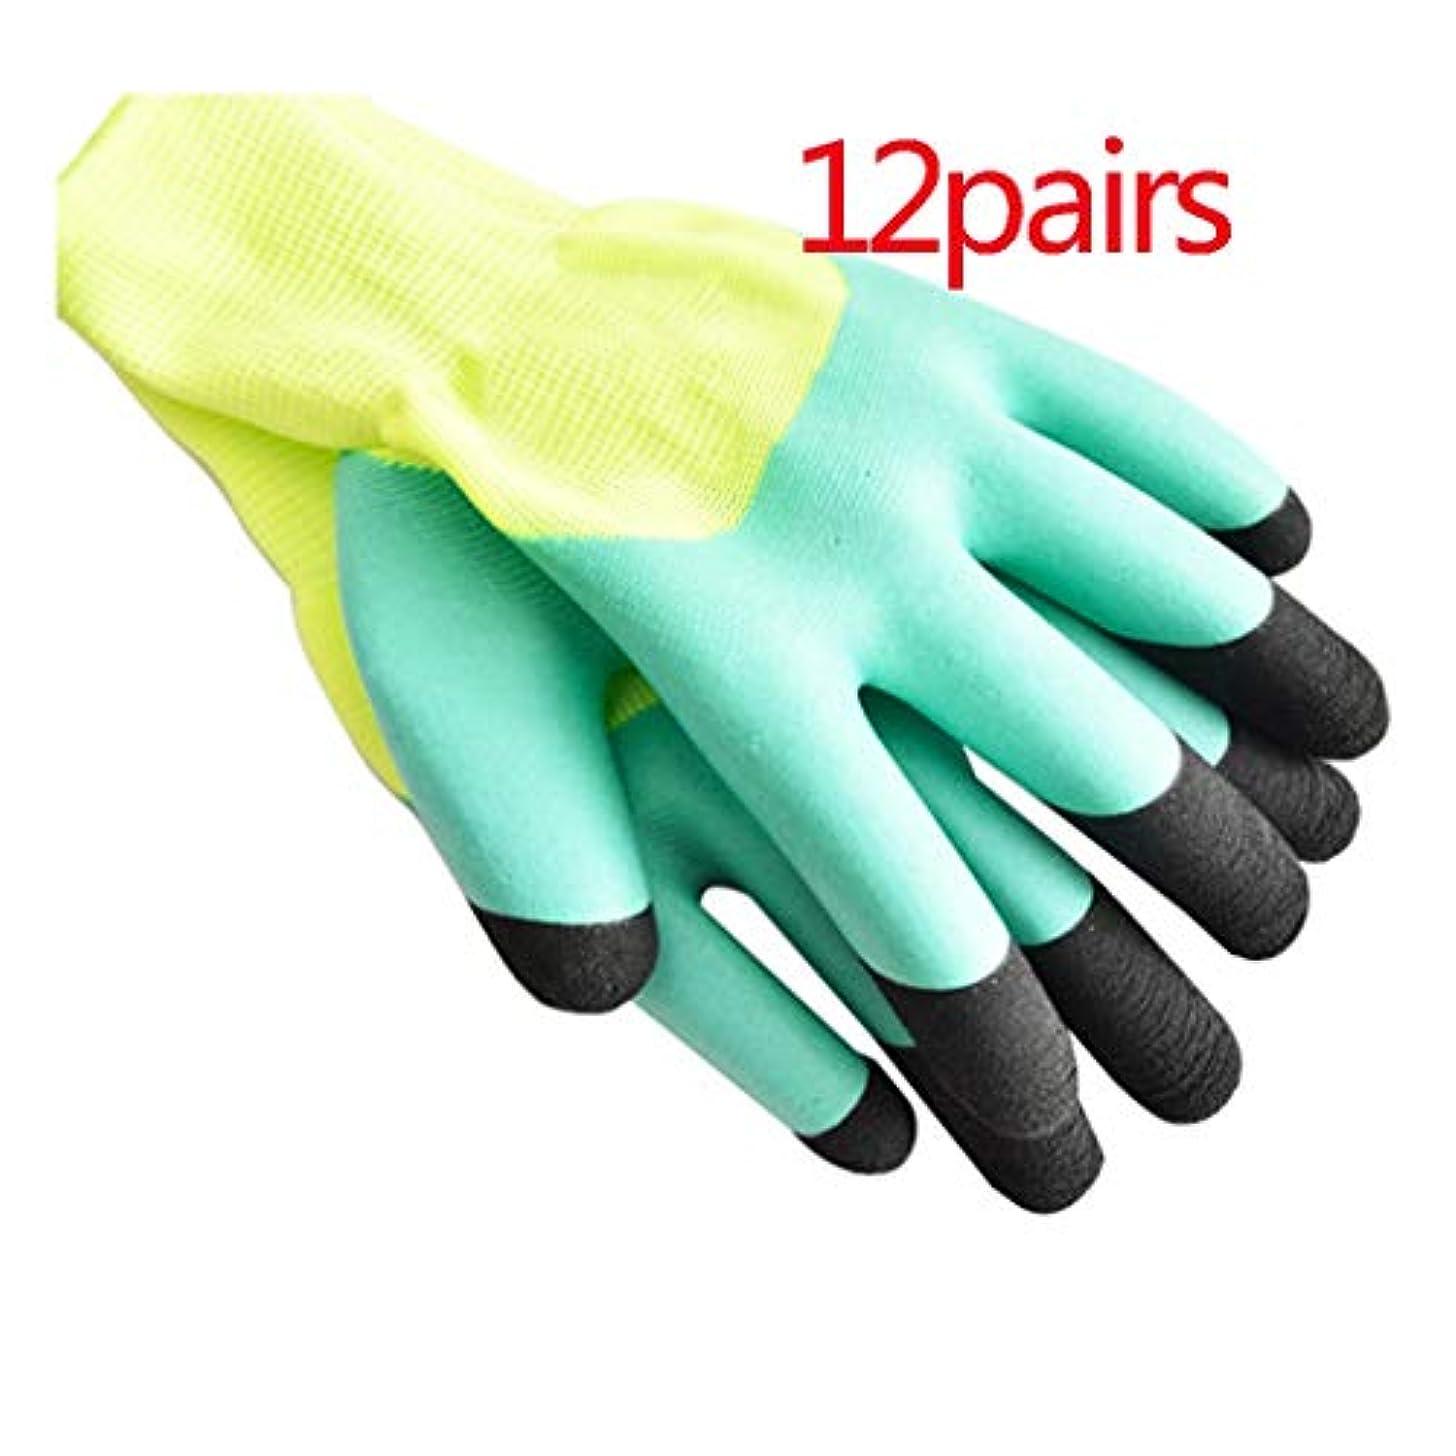 バーマド試してみる提唱するLIUXIN 天然ラテックス手袋労働保護手袋耐摩耗性滑り止め通気性作業保護手袋23 * 9 CM ゴム手袋